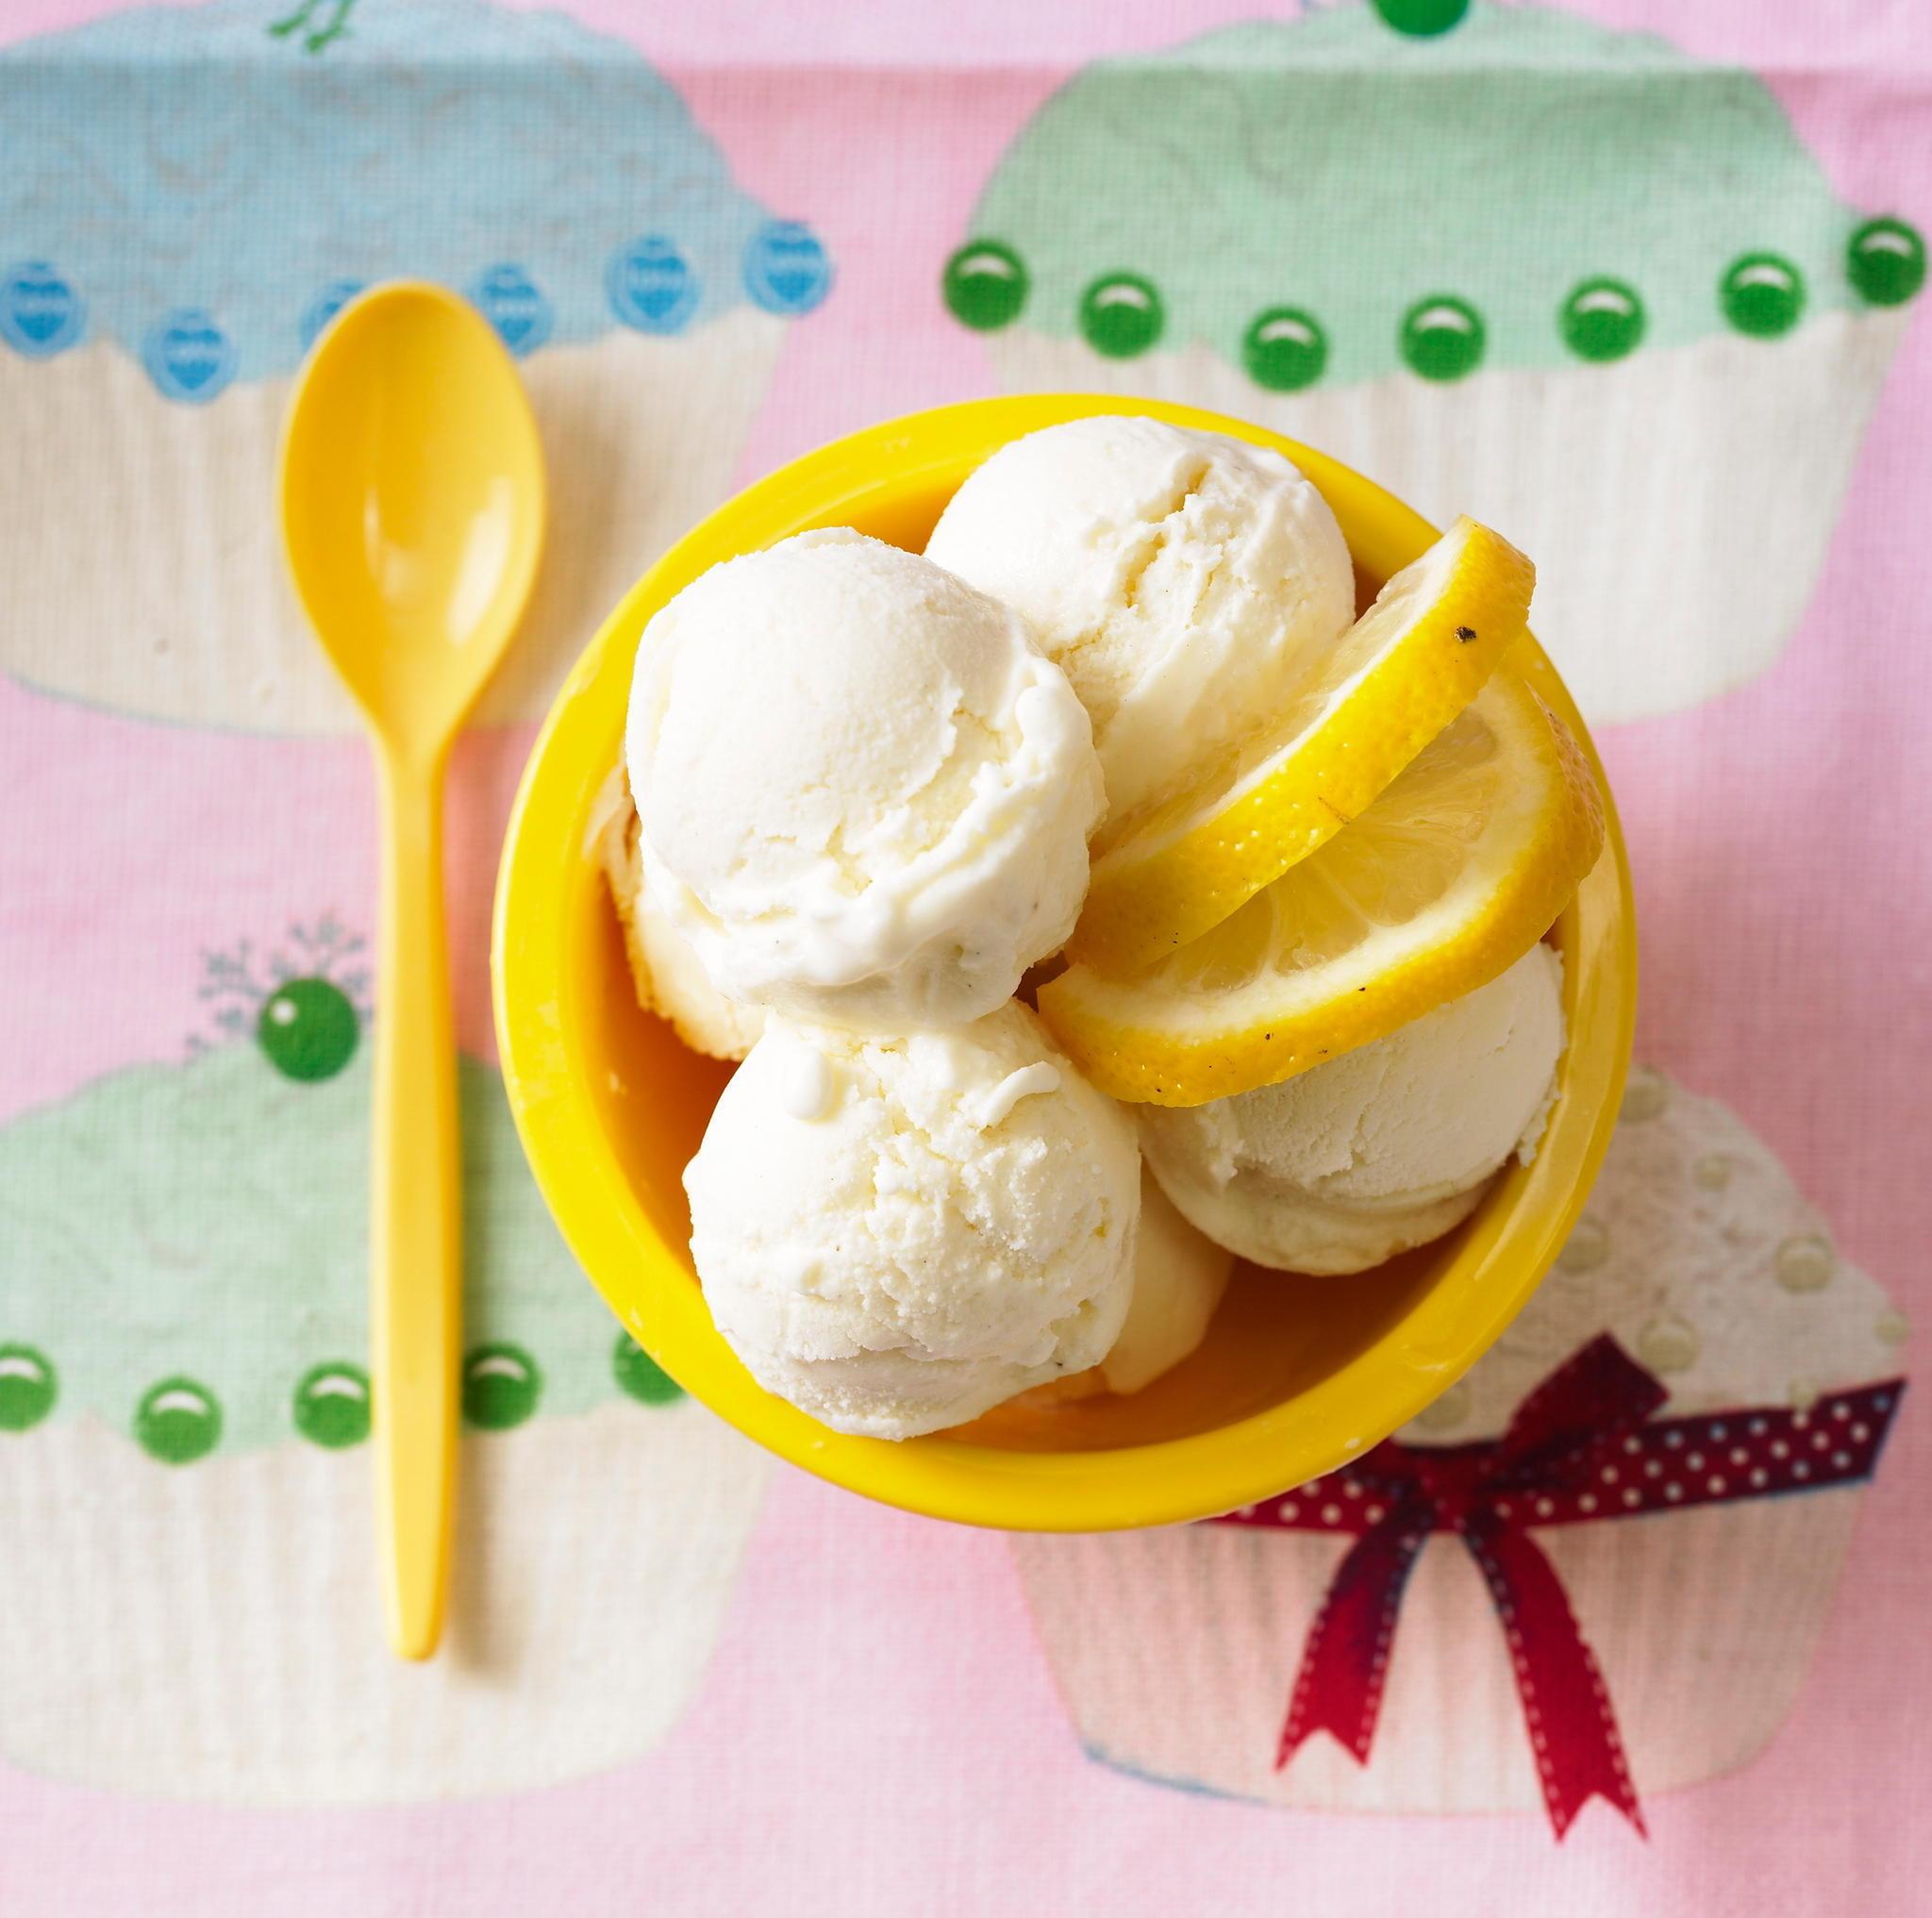 Eis selber machen: Buttermilch-Zitronen-Eis